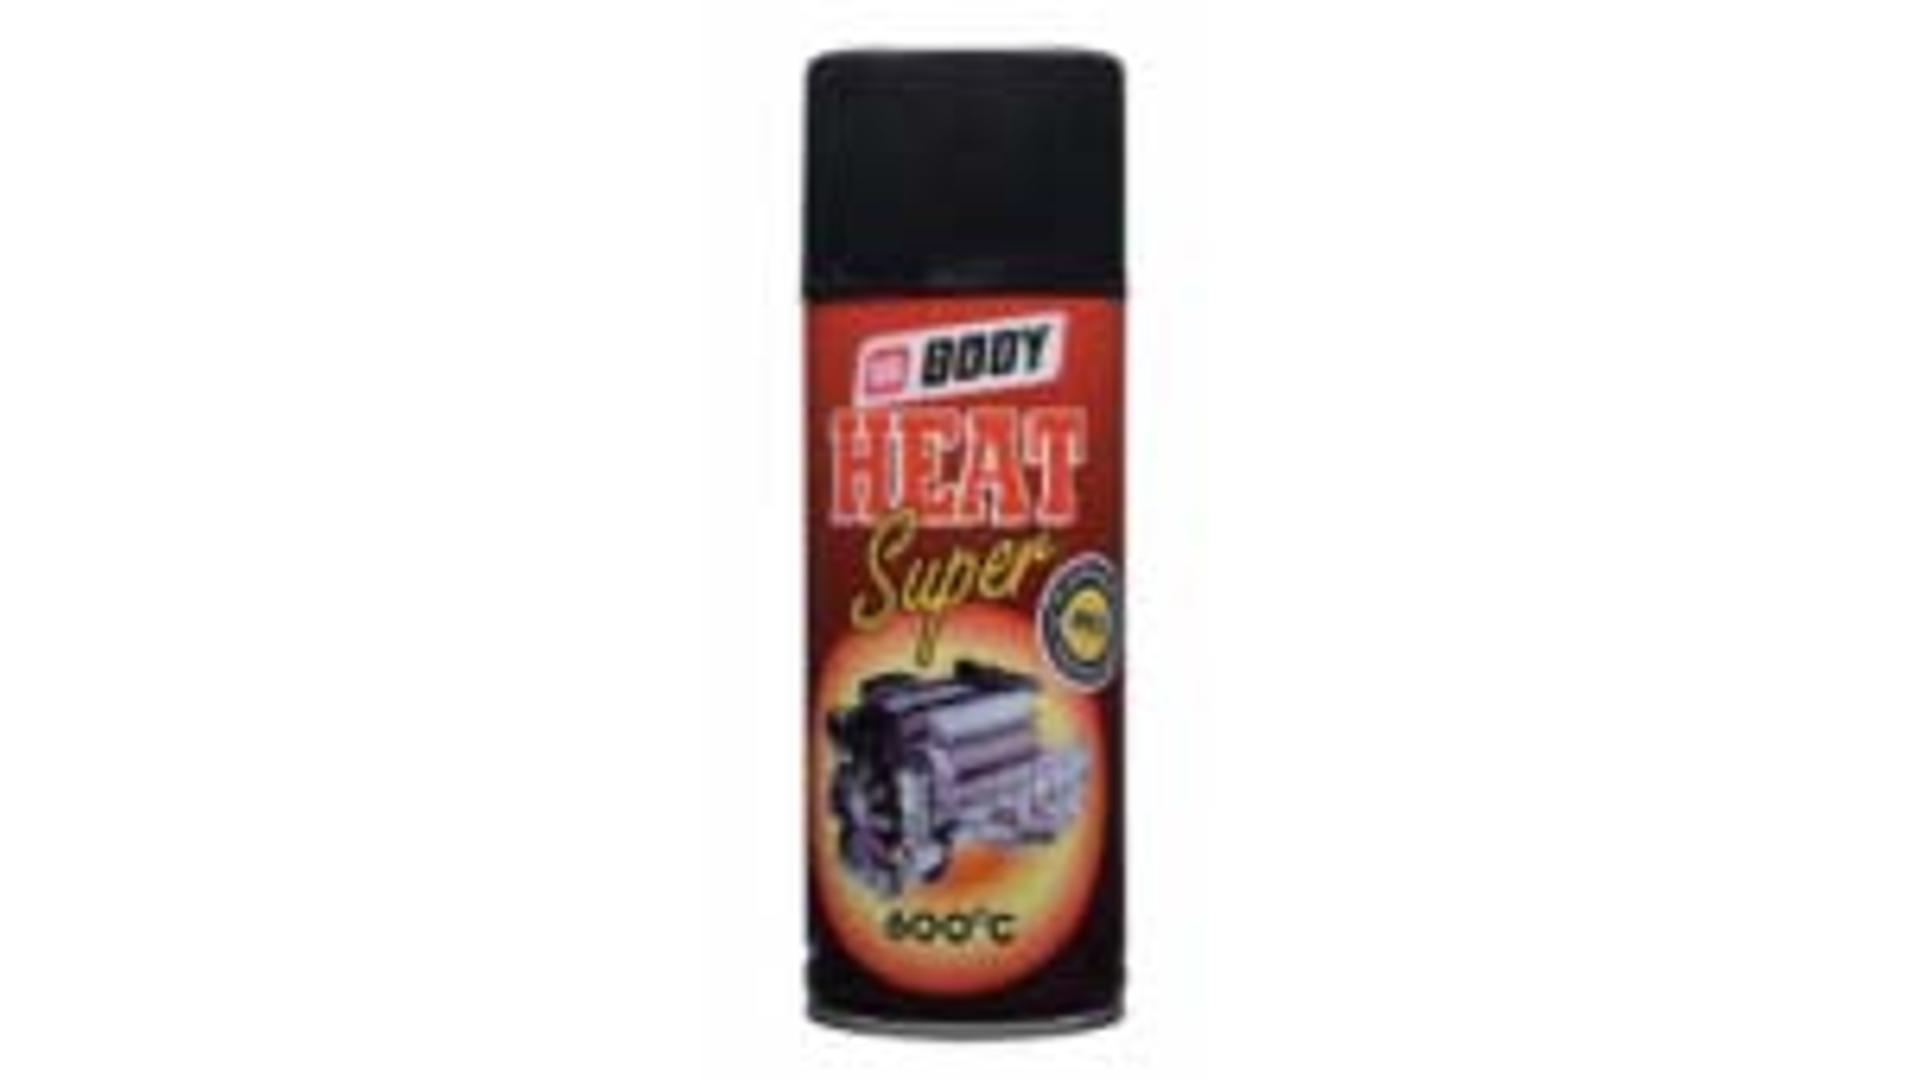 HB BODY 420 super heat - sprej do vysokých teplot 600C černý 400ml